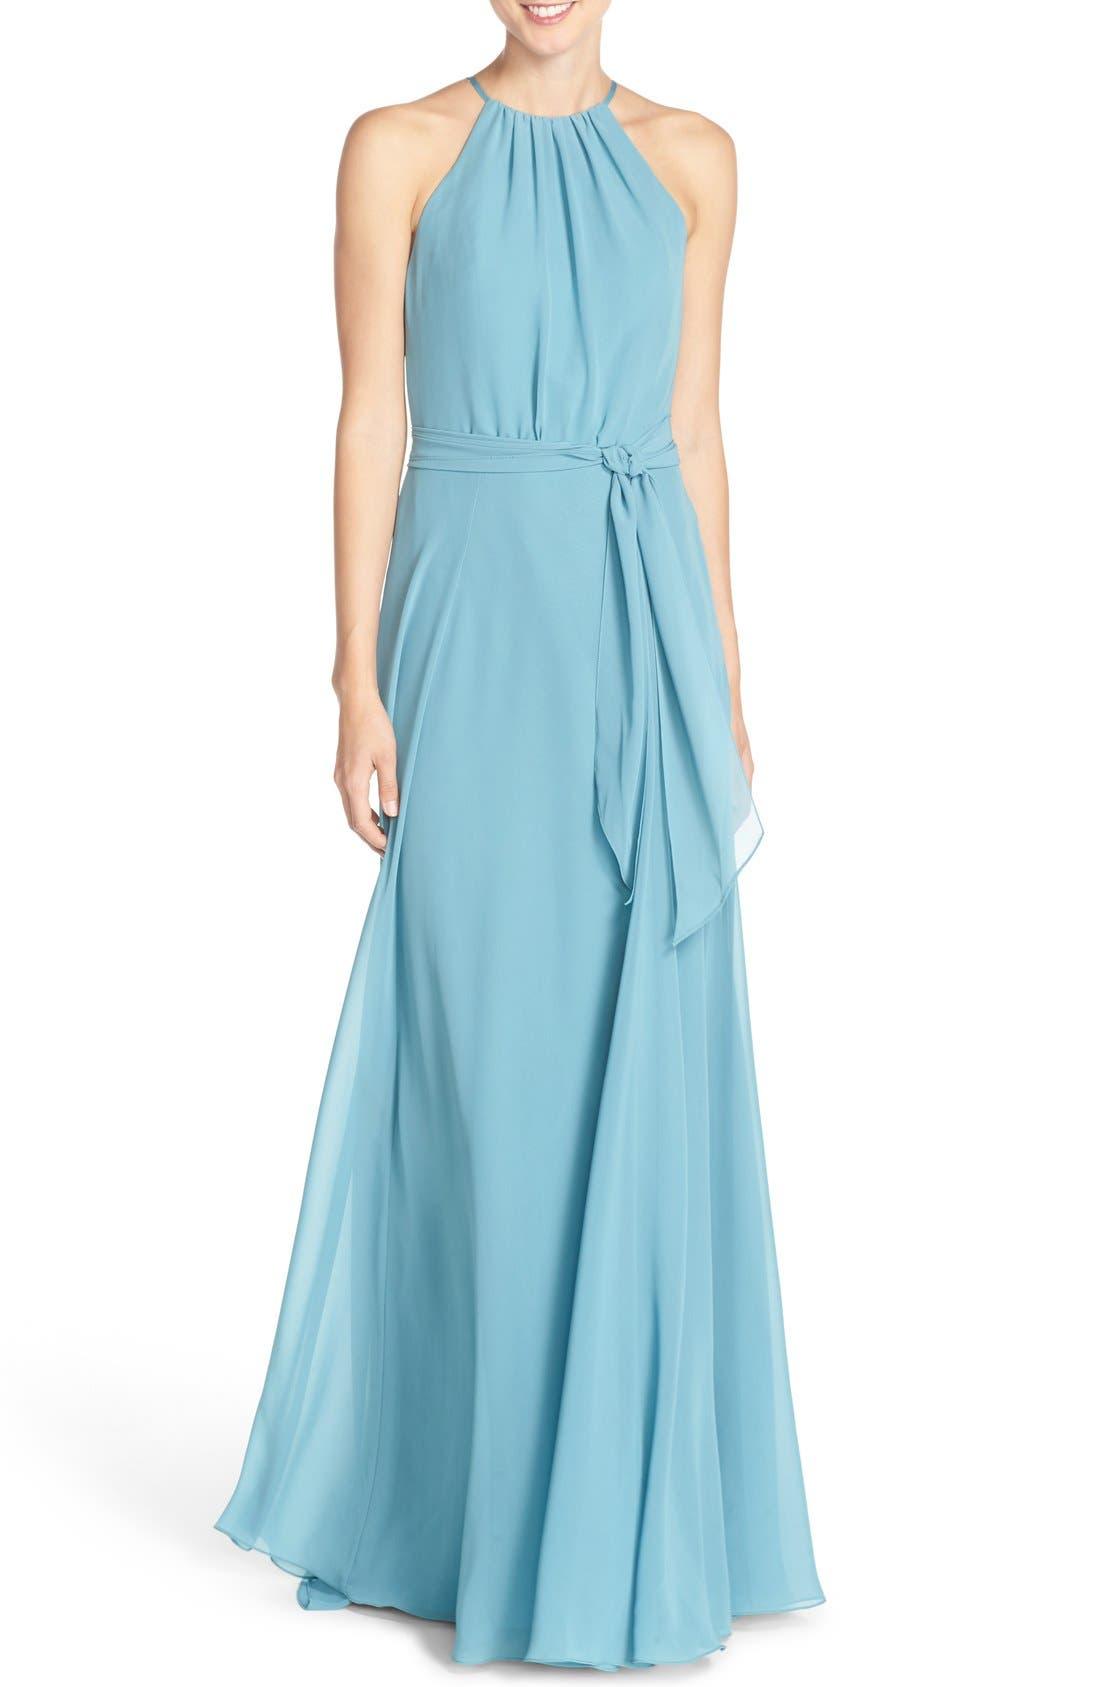 Main Image - Amsale 'Delaney' Belted A-Line Chiffon Halter Dress